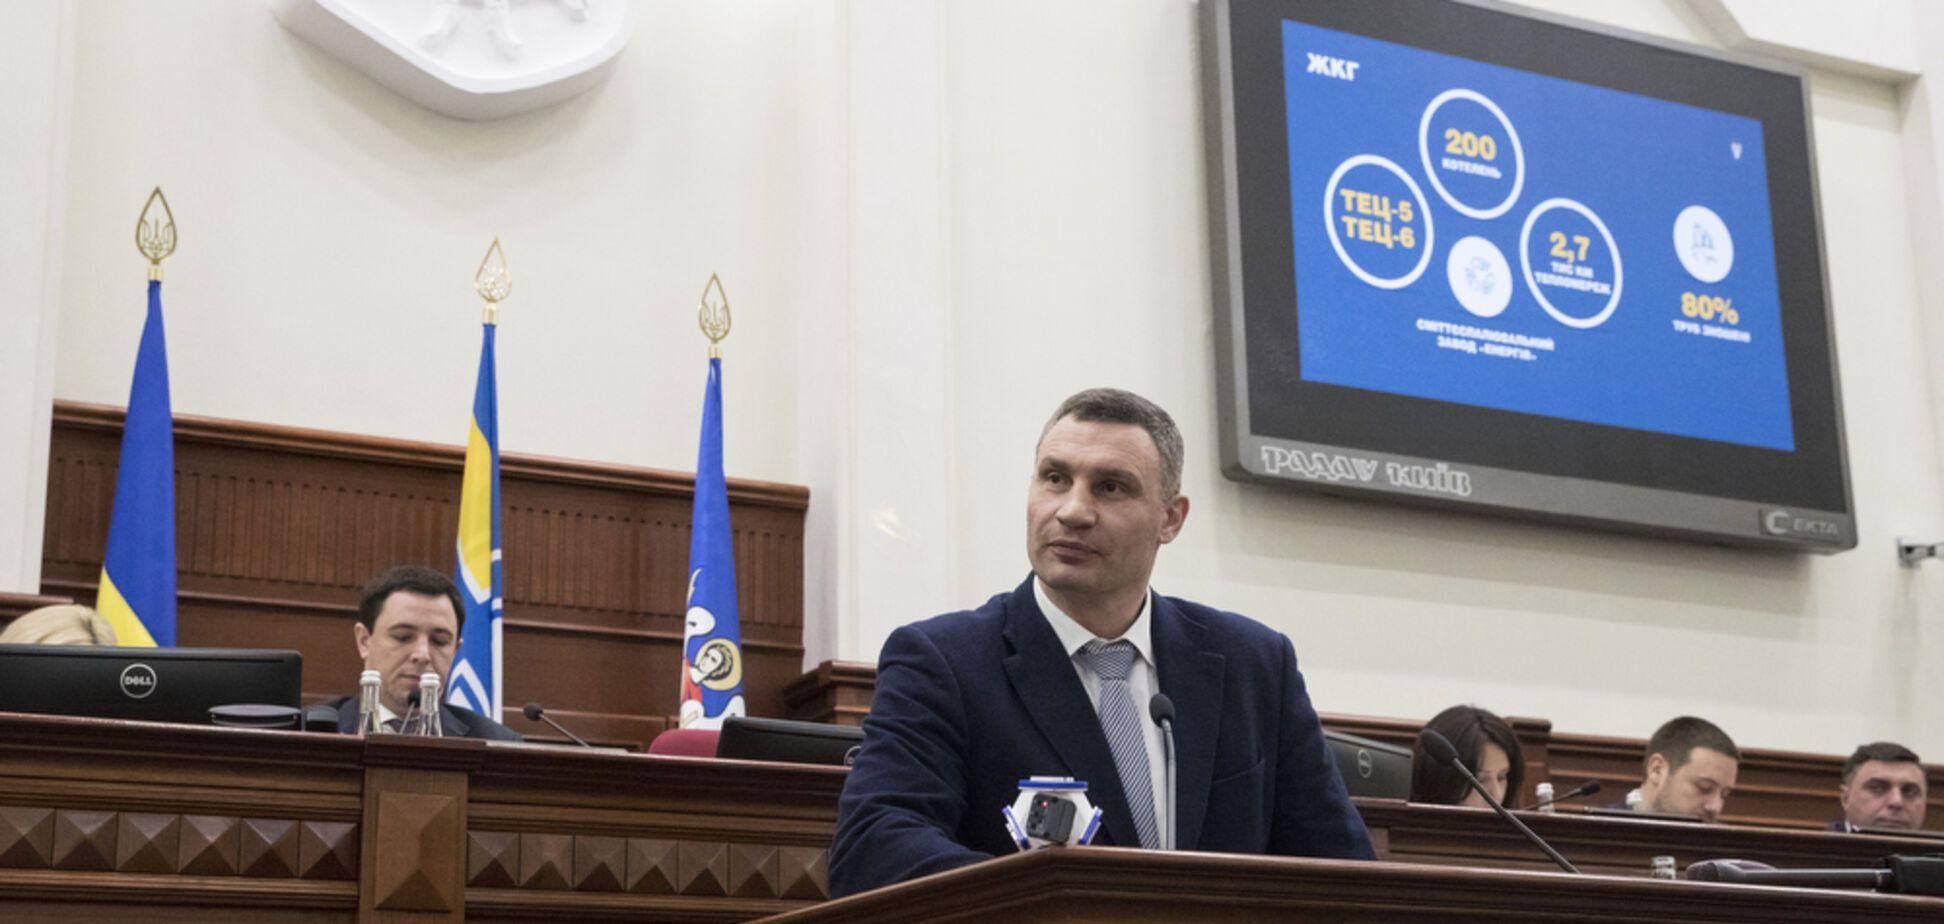 Кличко прозвітував перед Київрадою про успіхи столичної влади за 2018 рік